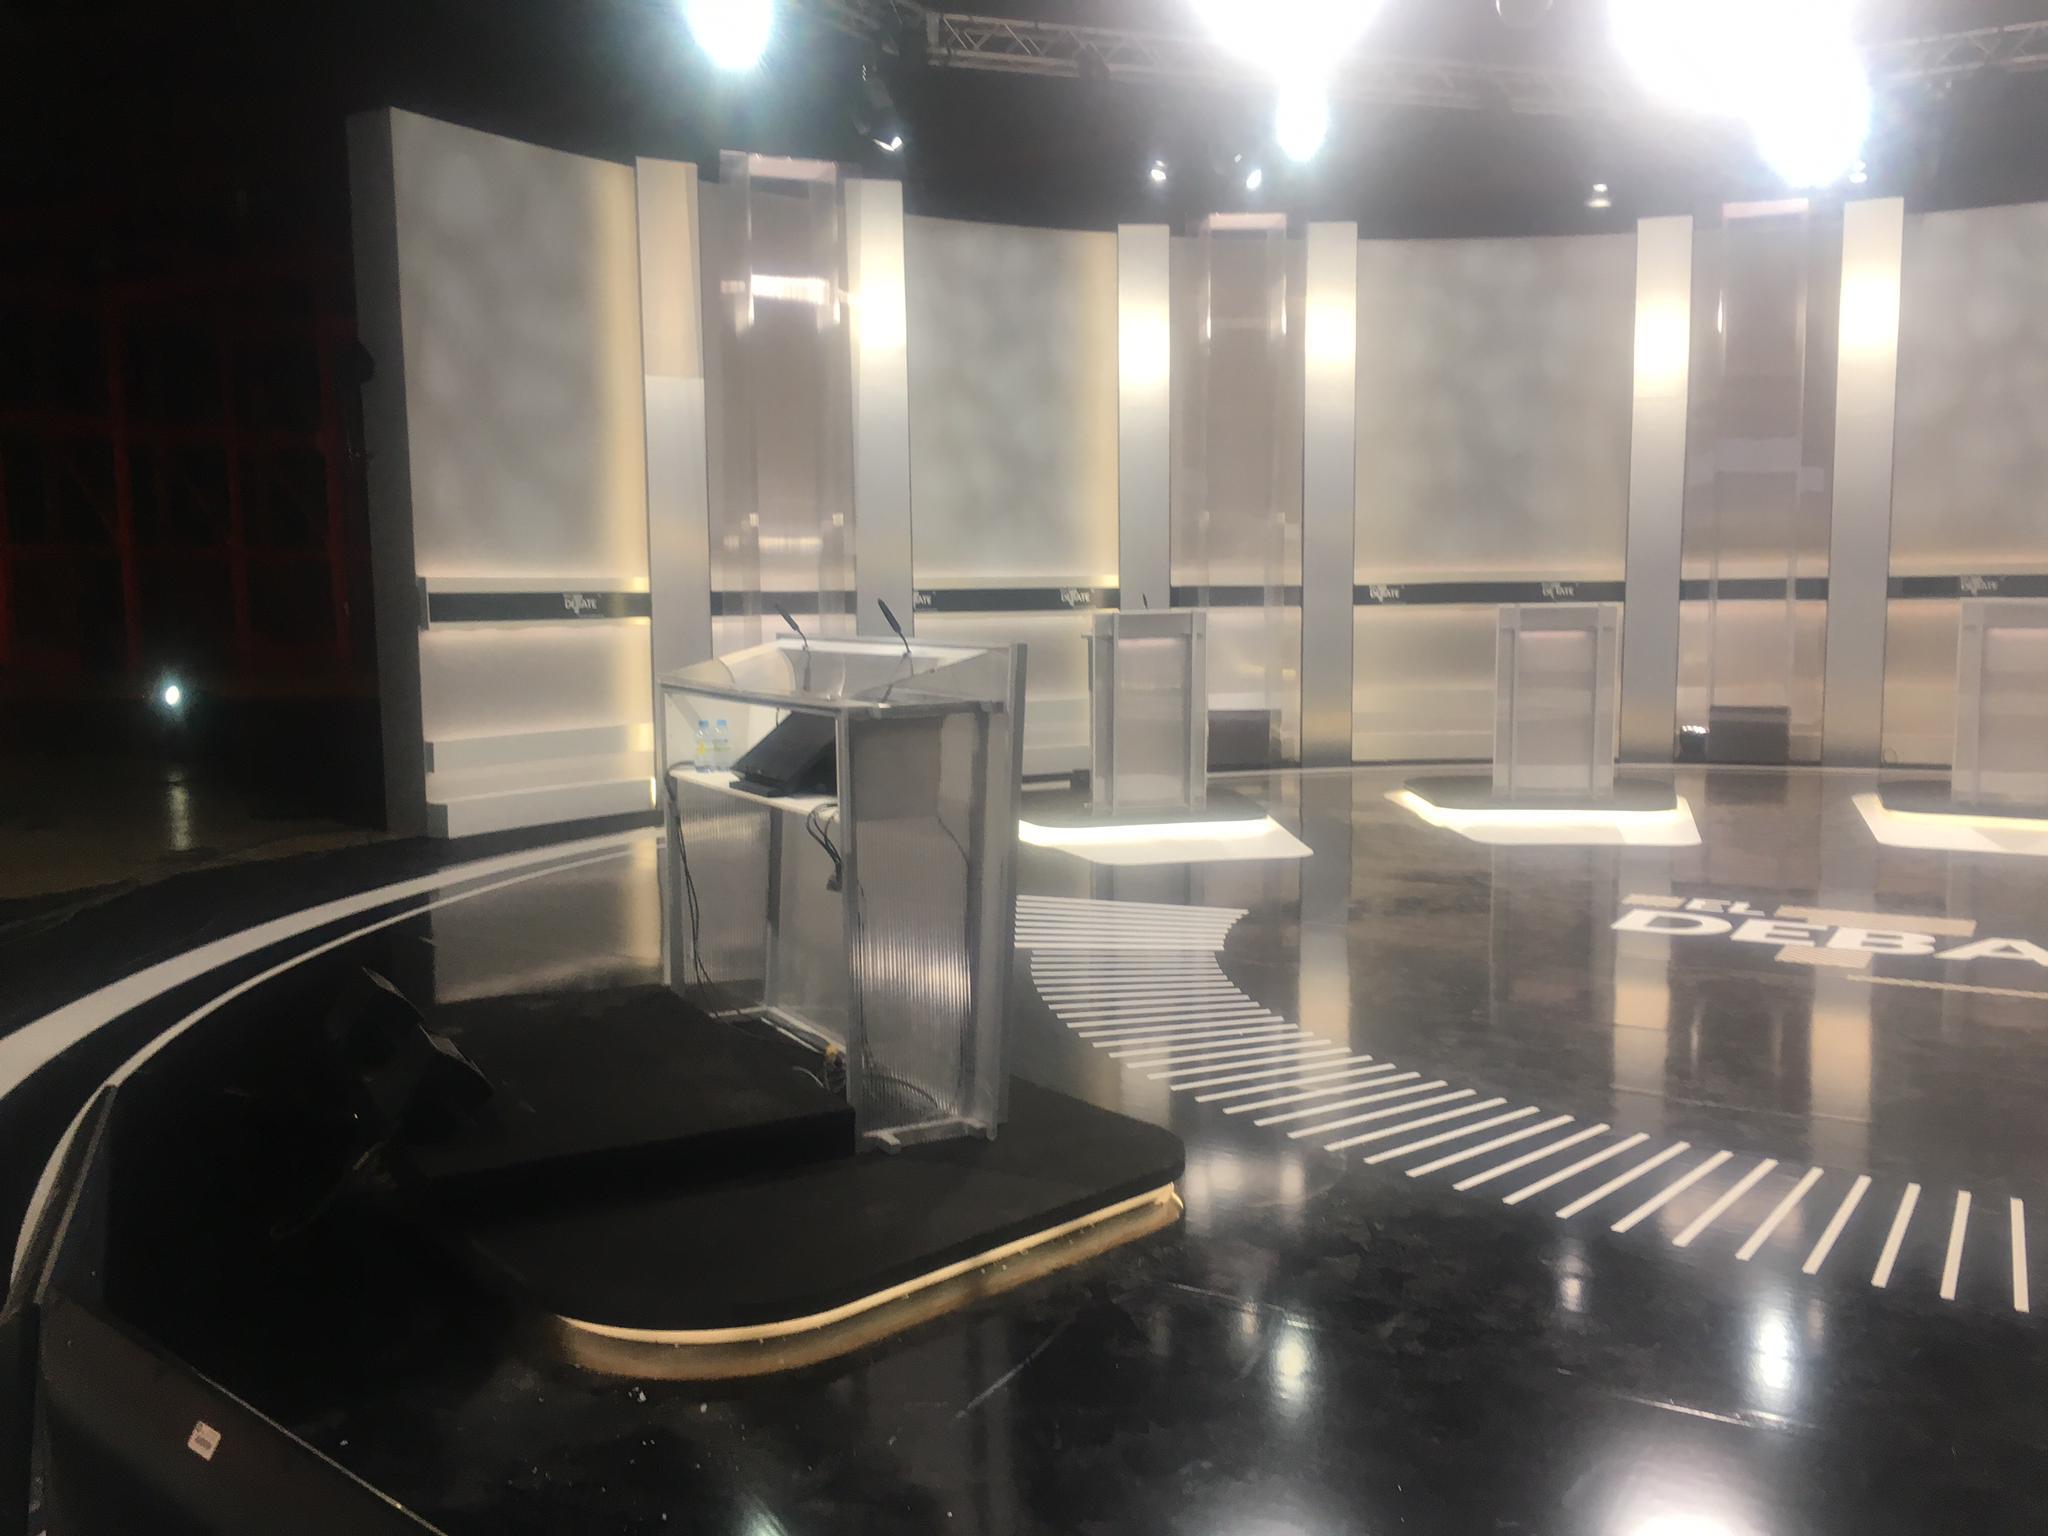 DISEÑO INSTALACIÓN MONTAJE DE SET DE TELEVISIÓN DECORADOS PLATOS DE TV Y ESCENOGRAFÍA EN MADRID Y RESTO DE ESPAÑA. REALIZAMOS DISEÑO DE ESTRUCTURAS E IMPRESIÓN GRÁFICA DIGITAL PARA ESCENARIOS PROGRAMAS DE TELEVISIÓN STAND EVENTOS ENTREGA DE PREMIOS ETC. Berdoal tiene experiencia acumulada a la hora de lleva a cabo proyectos de escenarios, set de televisión, escenarios, escenografía para eventos, cine, teatro y programas de televisión, estudios de televisión, entregas de premios, presentaciones de productos, etc. Grandes empresas y organismos públicos ya han confiando en Berdoal, como por ejemplo en la realización del escenario set de televisión photocall del debate político de las últimas elecciones generales del año 2019. En este trabajo llevamos a cabo la realización de, impresión a una cara sobre PVC. Medidas 60x60 y 100x100 de diferentes modelos. La rotulación completa del suelo del plató, lo que conllevaría un diámetro de 1440cm en vinilo de corte blanco mate, troquelado (ya que va recortado) y transportado para poder montar de una manera más fácil y rápida. Por otro lado, nos encargamos de un photocall para escalera, en este caso el material sería terrabanner de 200 gr (no es un material que solamos utilizar) Se incorporó el logotipo del debate en un metacrilato. Concretamente pegado al frente, el material que utilizamos fue vinilo de corte blanco para este logo. Se llevó a cabo la realización de una lona, en impresión a una cara sobre material fronlit trasera negra. El atril de los presentadores iría vinilado con vinilo de corte blanco. El vinilo del logo de la academia TV iría en vinilo de corte oro mate y además se utilizaría otro material más, el PVC de 3mm. Por otro lado, los logotipos de los partidos políticos tendrían varias medidas desde 20x20 a 50x50. Y el material que se utilizó en este caso es PVC de 3mm. La base del atril iría en un vinilo blanco laminado antideslizante, para que no resbale. Para que se pueda pasar por encima sin problema, y además